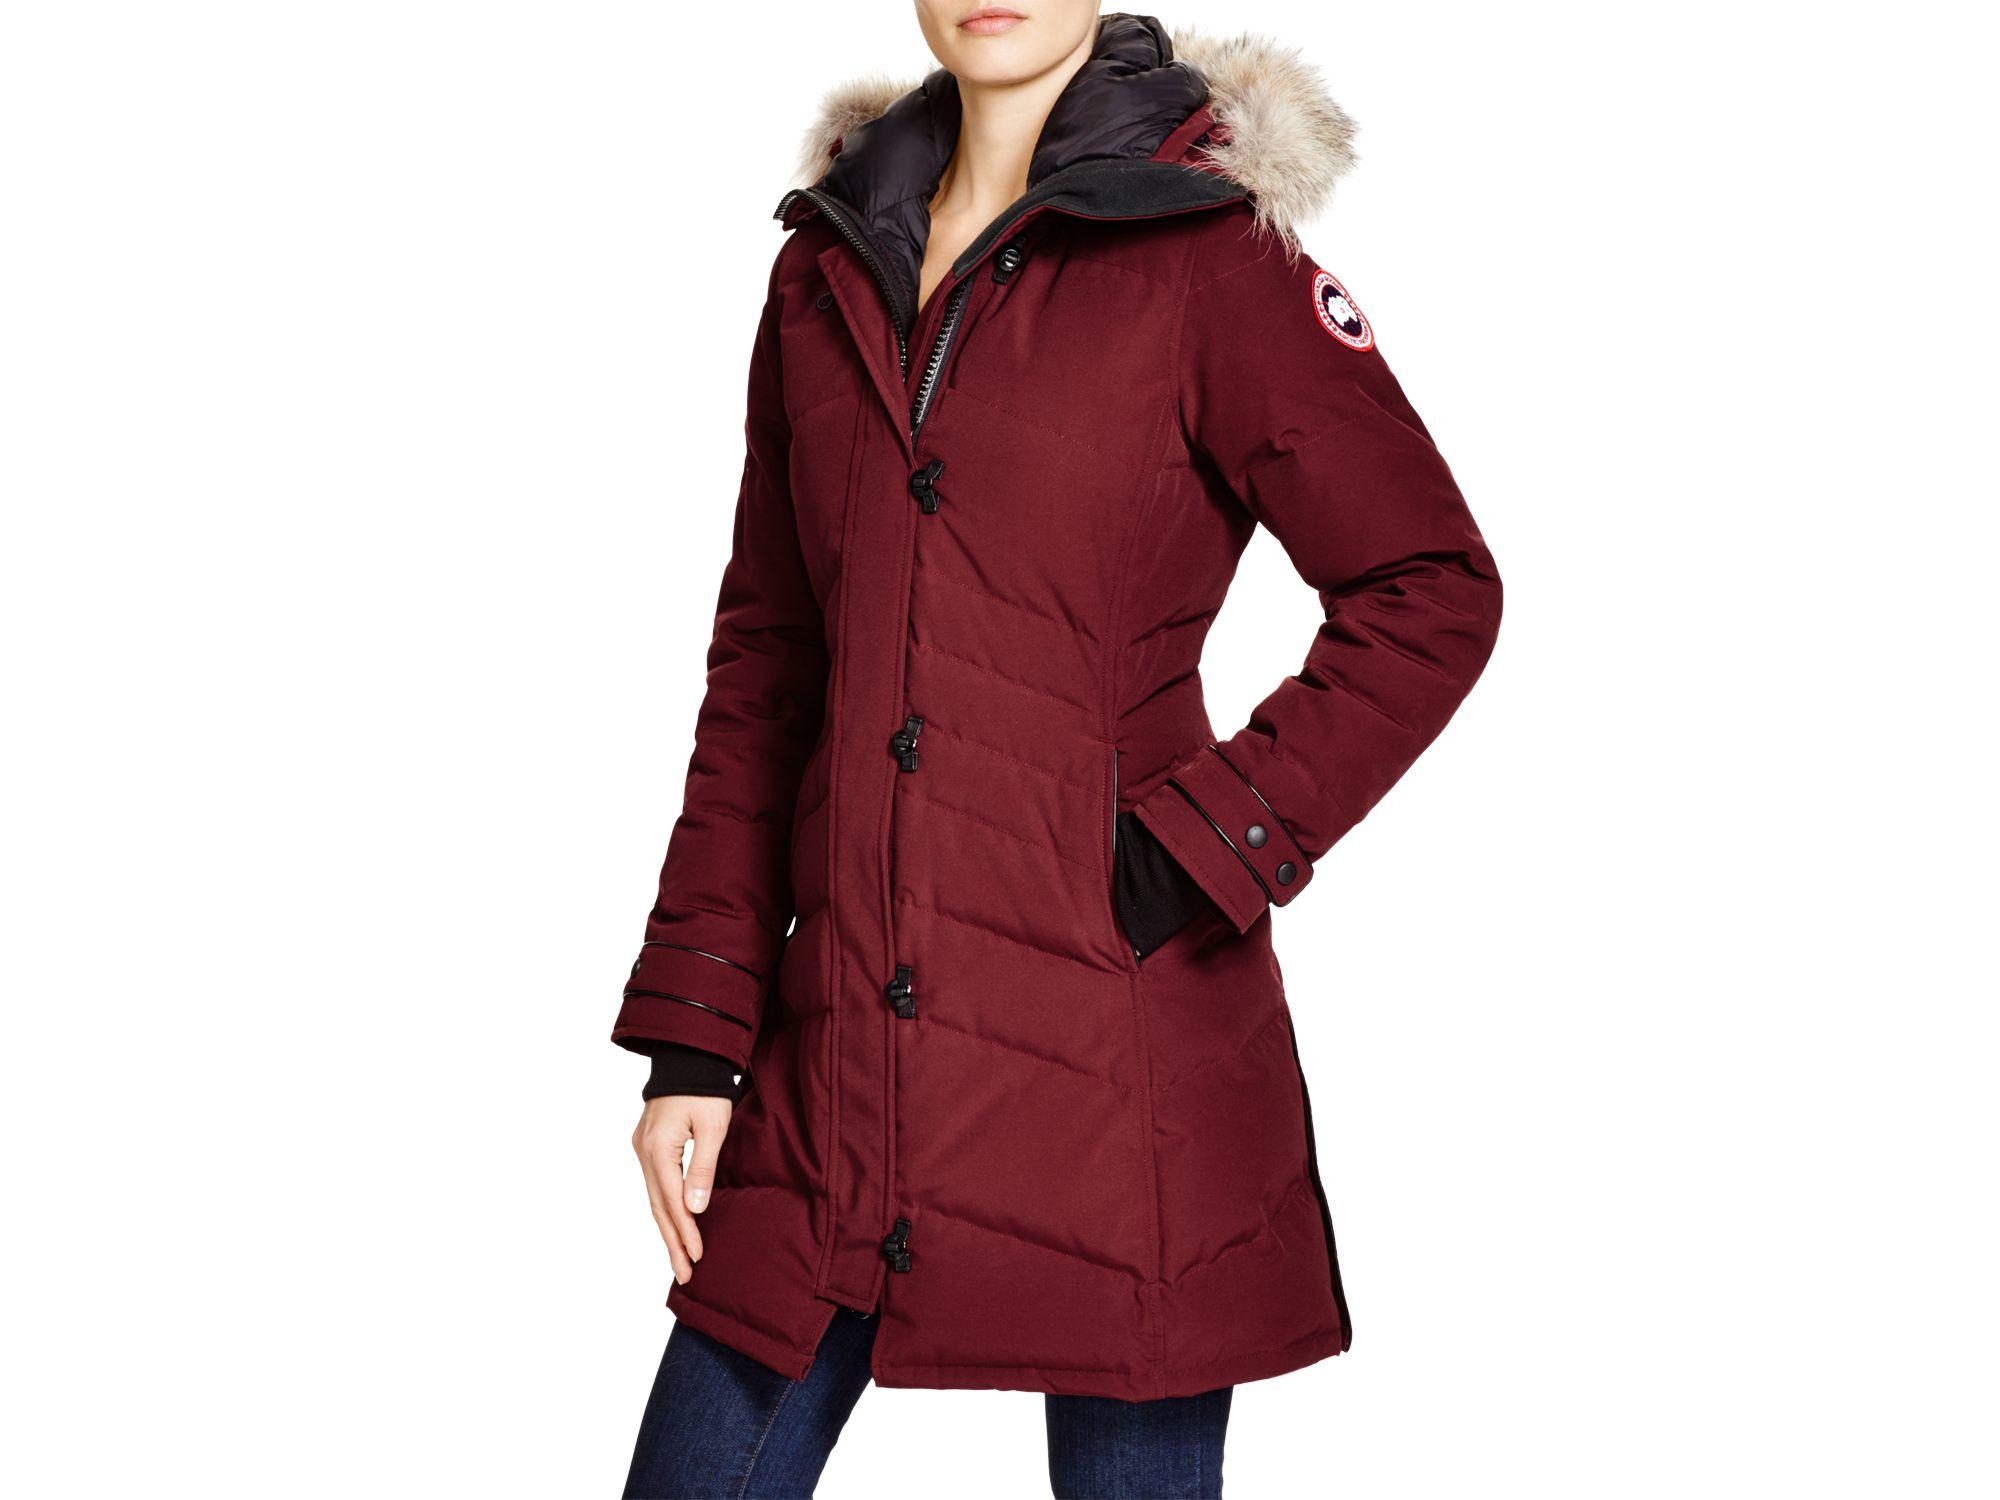 Lyst - Canada Goose Lorette Coyote Fur Trim Down Coat in Red e80c27fc0